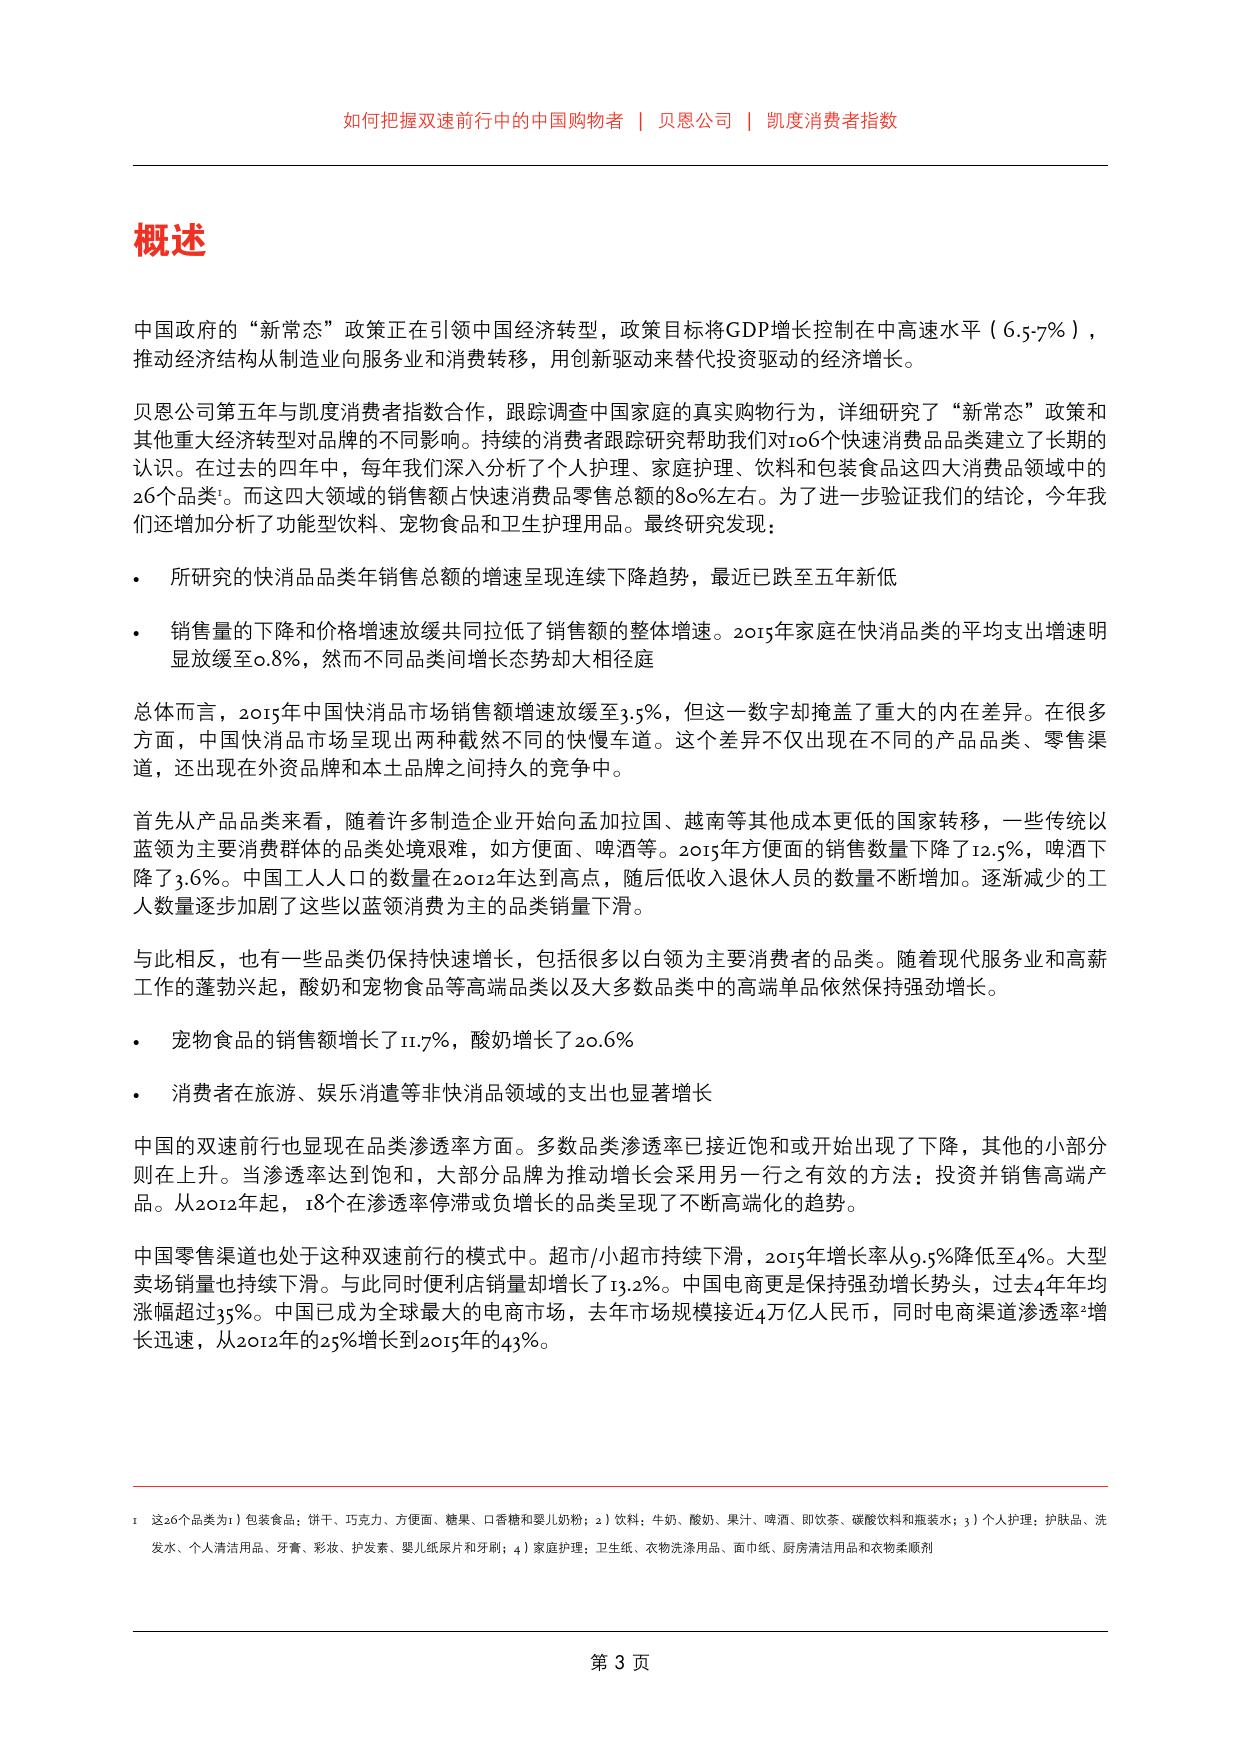 2016年中国购物者报告_000005